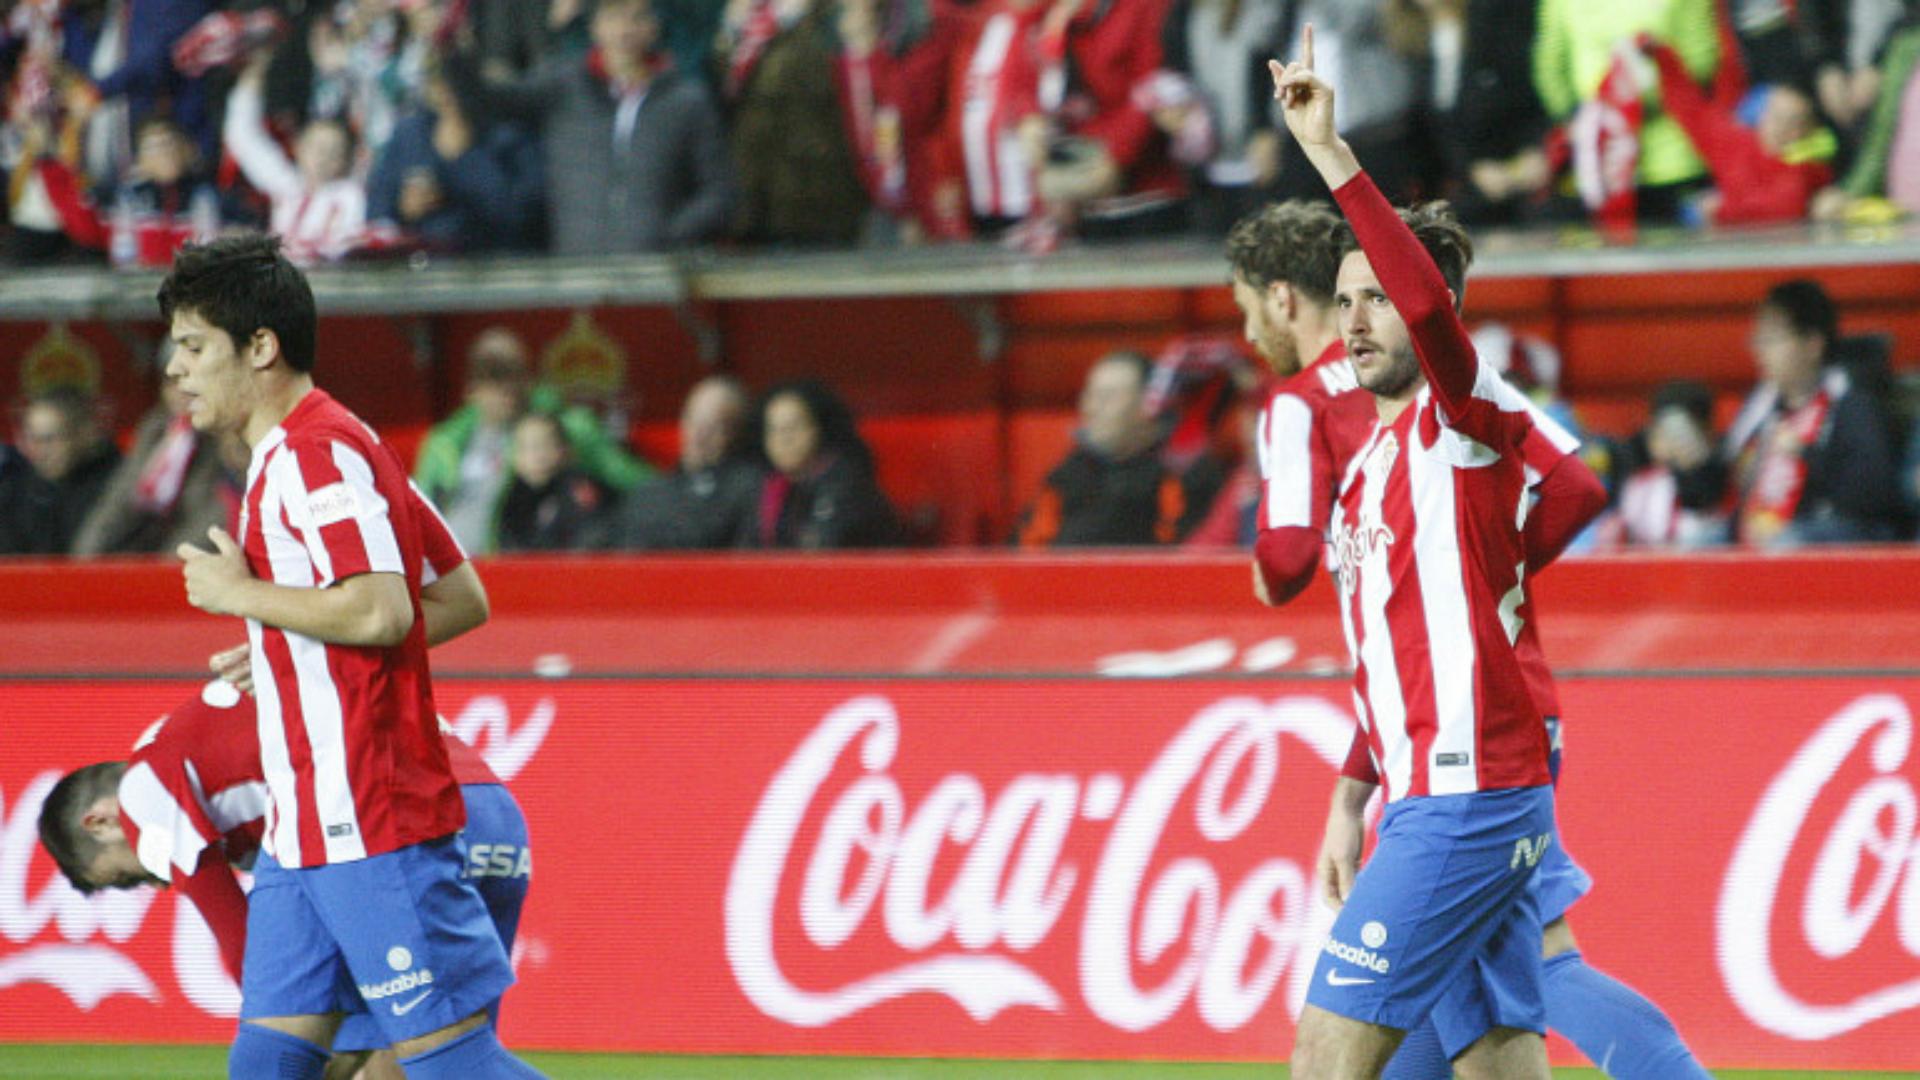 Sporting Gijon celebrates Sporting Gijon Real Sociedad La Liga